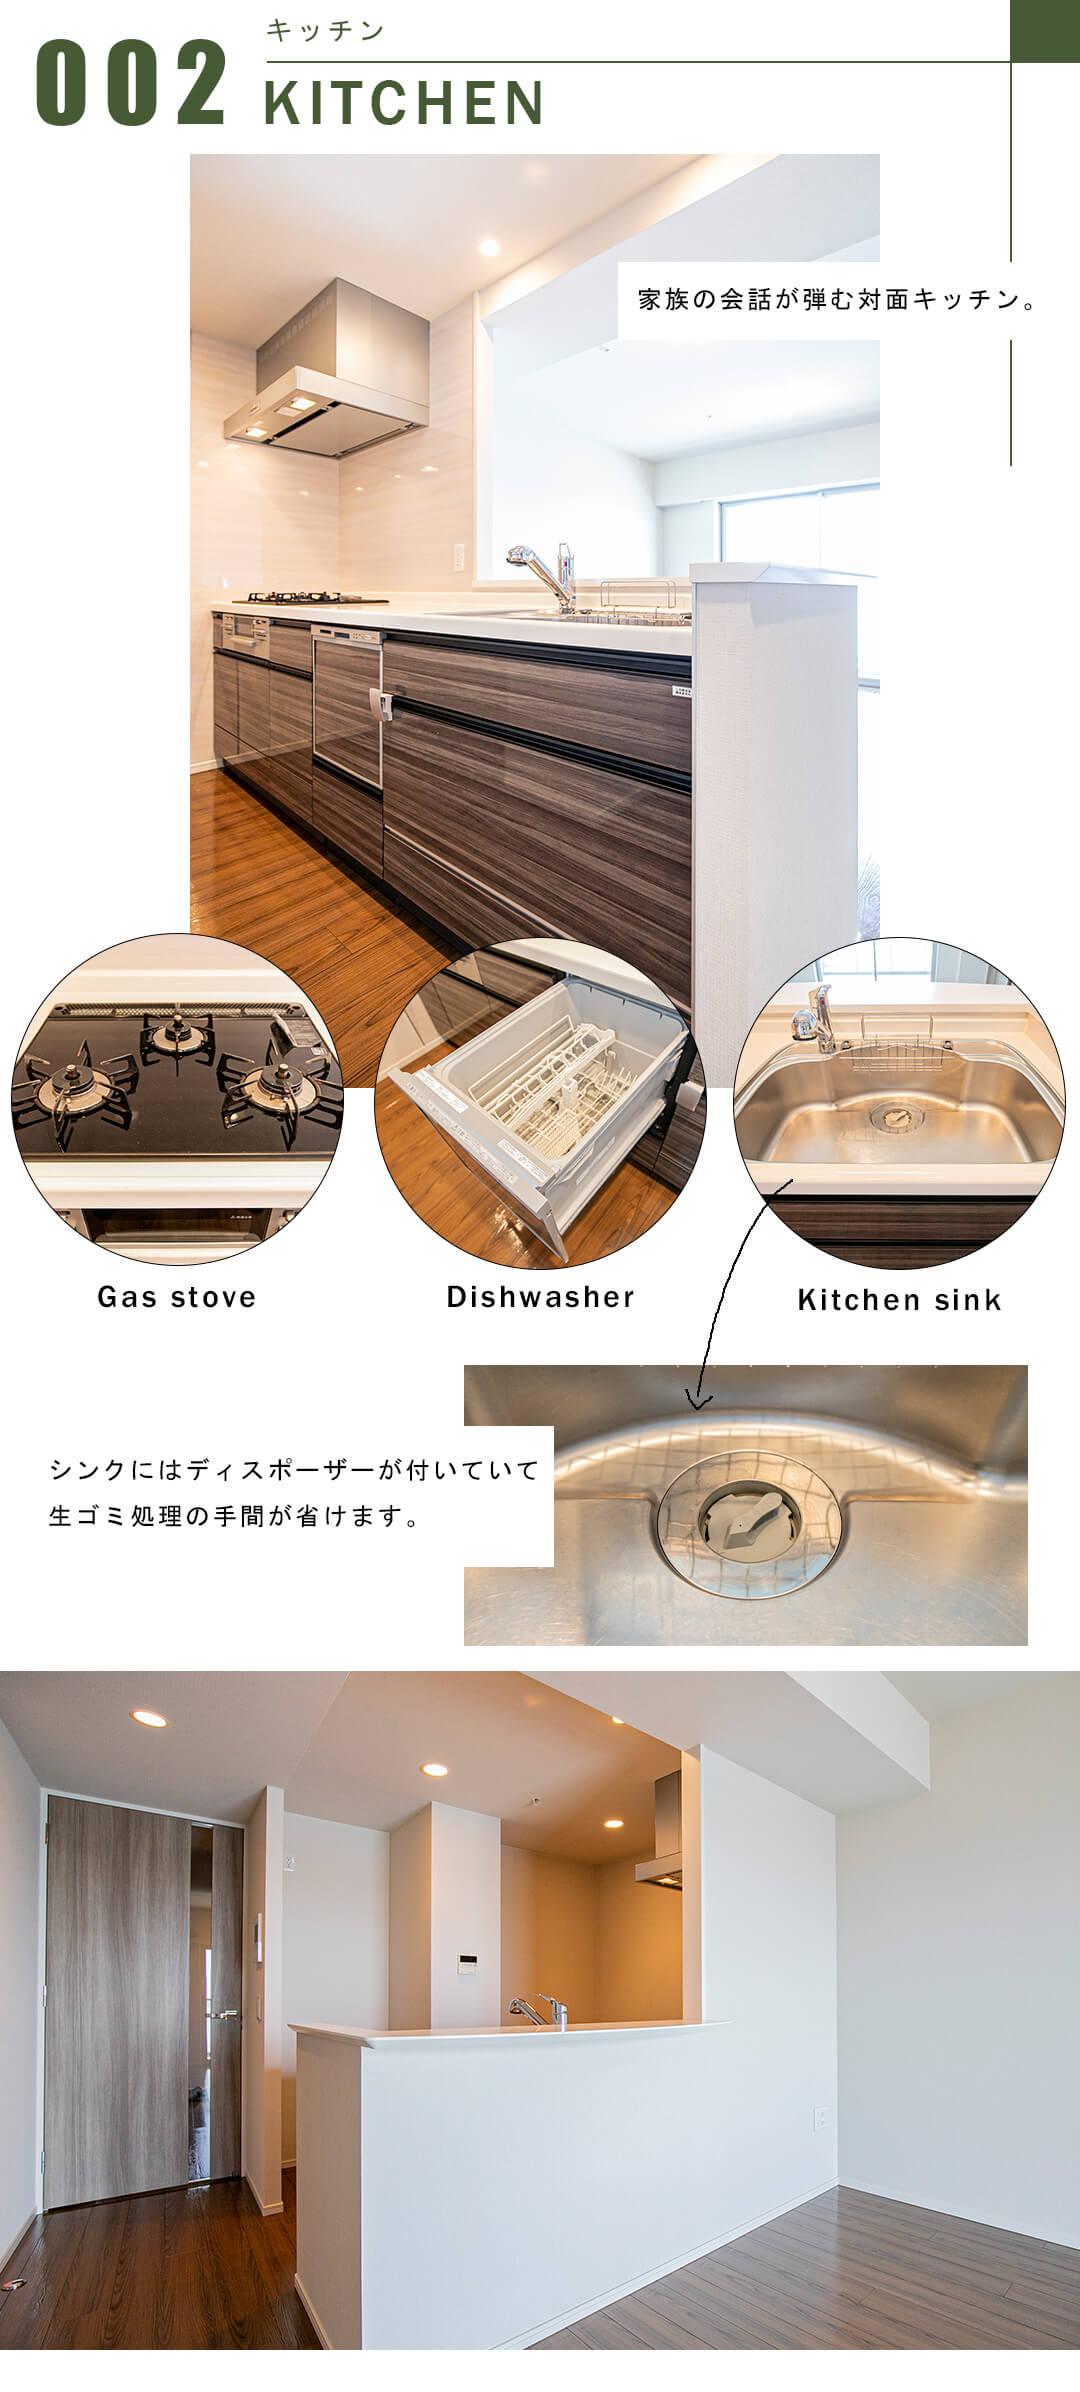 グローベルザ・スクエア東高円寺のキッチン